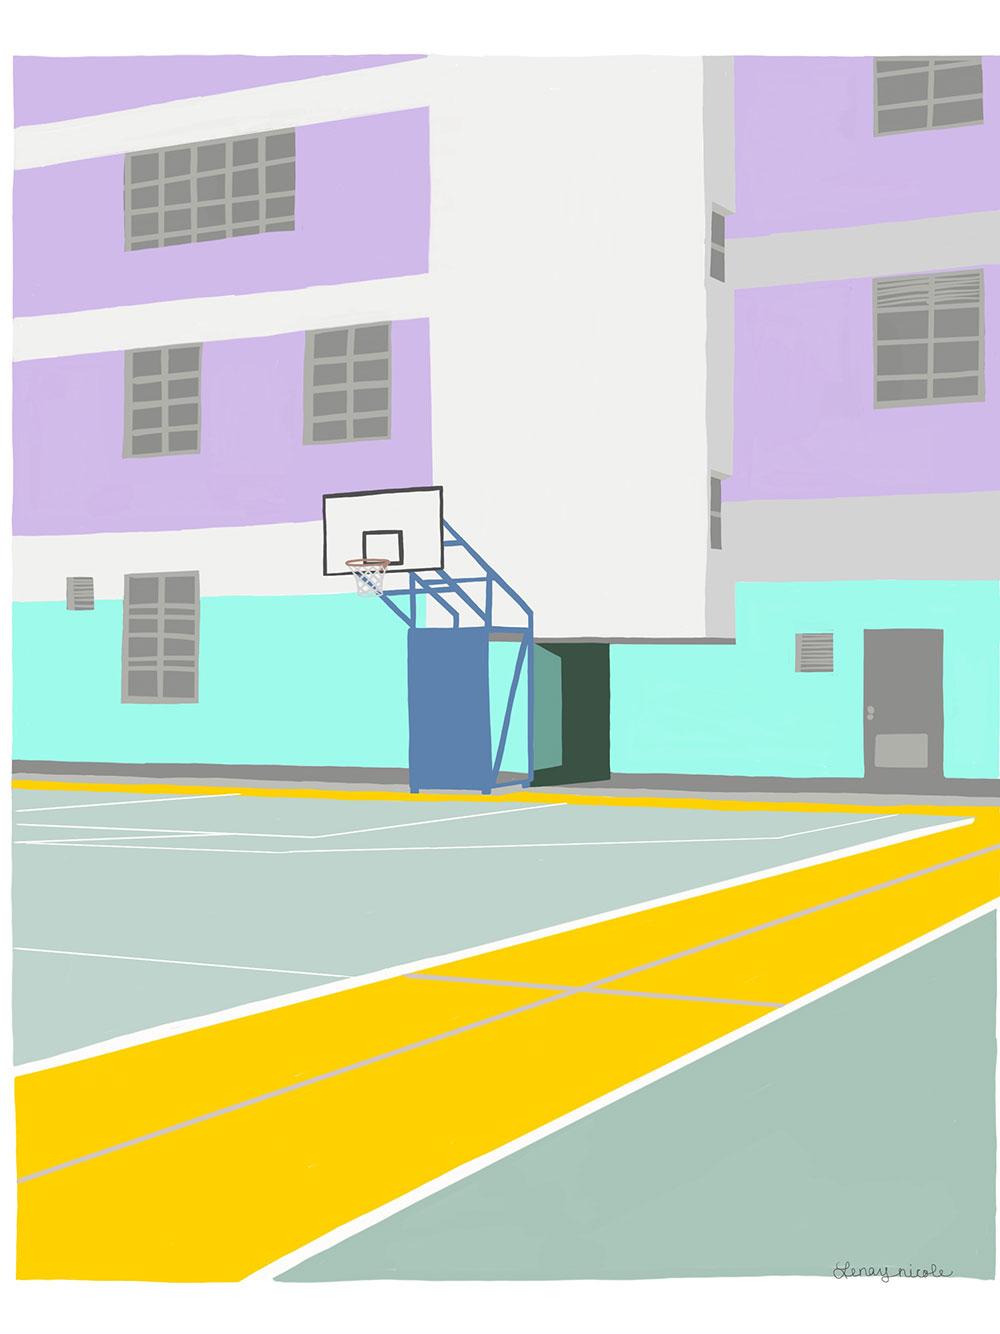 lenaynicole-illustration-08-100.jpg